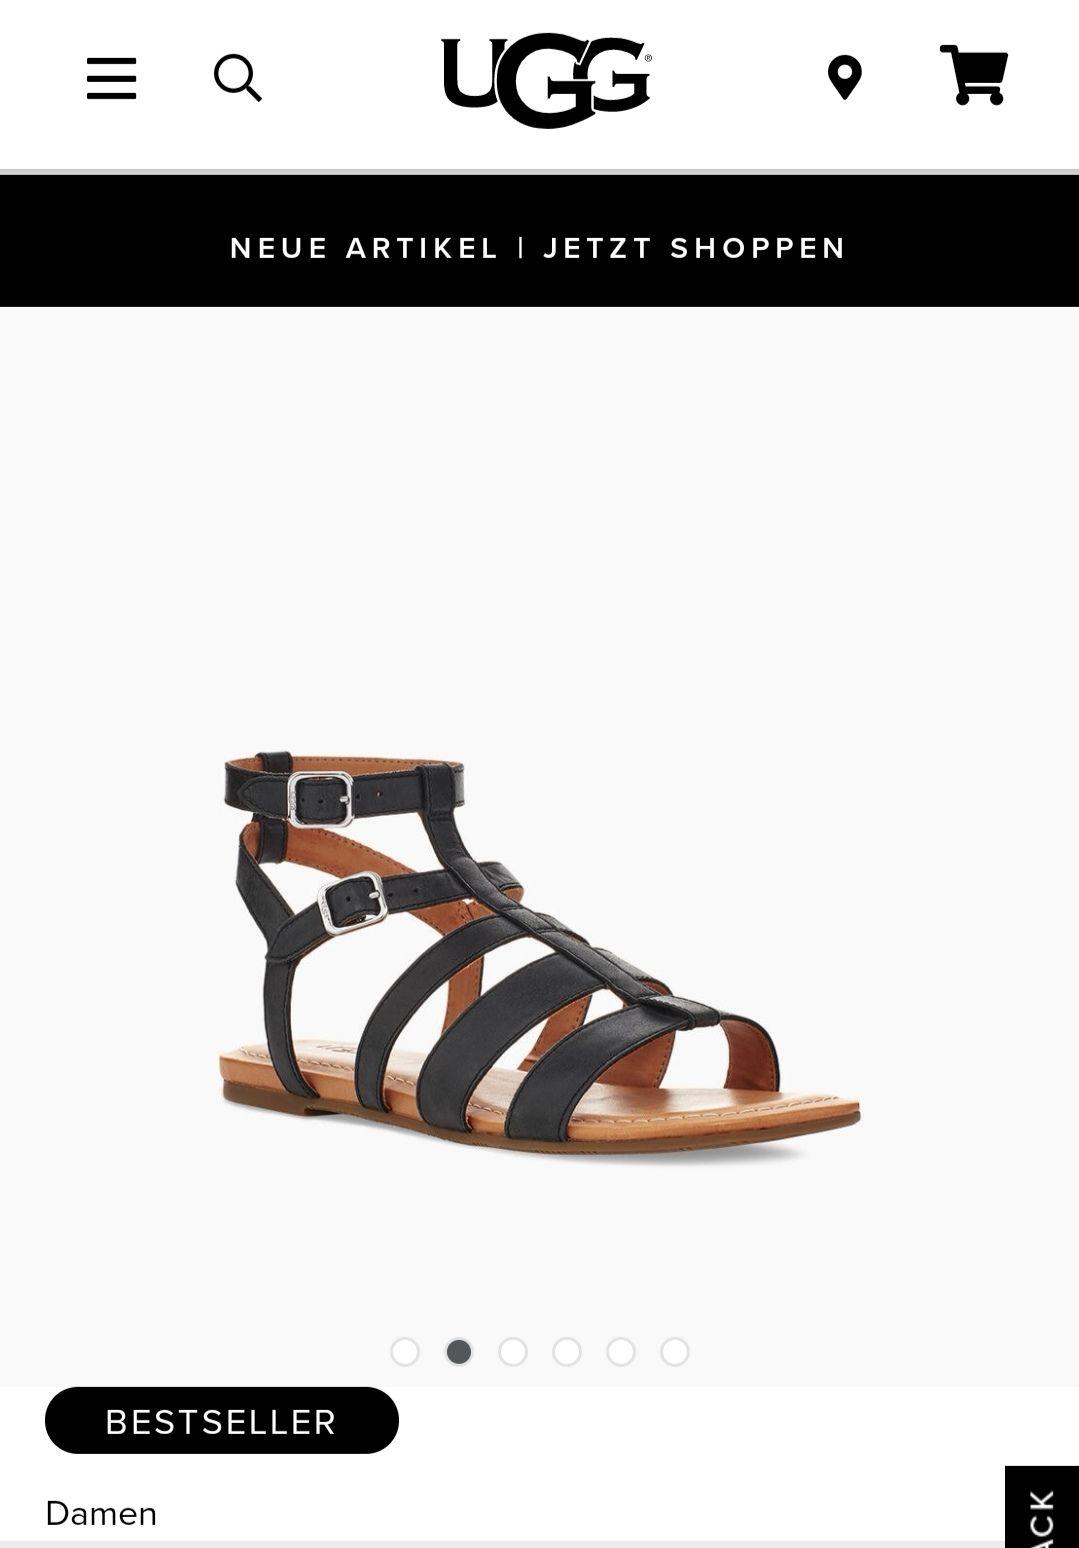 Ugg Mahalla Sandalen /Sandaletten Damen Schuhe Farbe Schwarz - Nur Größe 36-